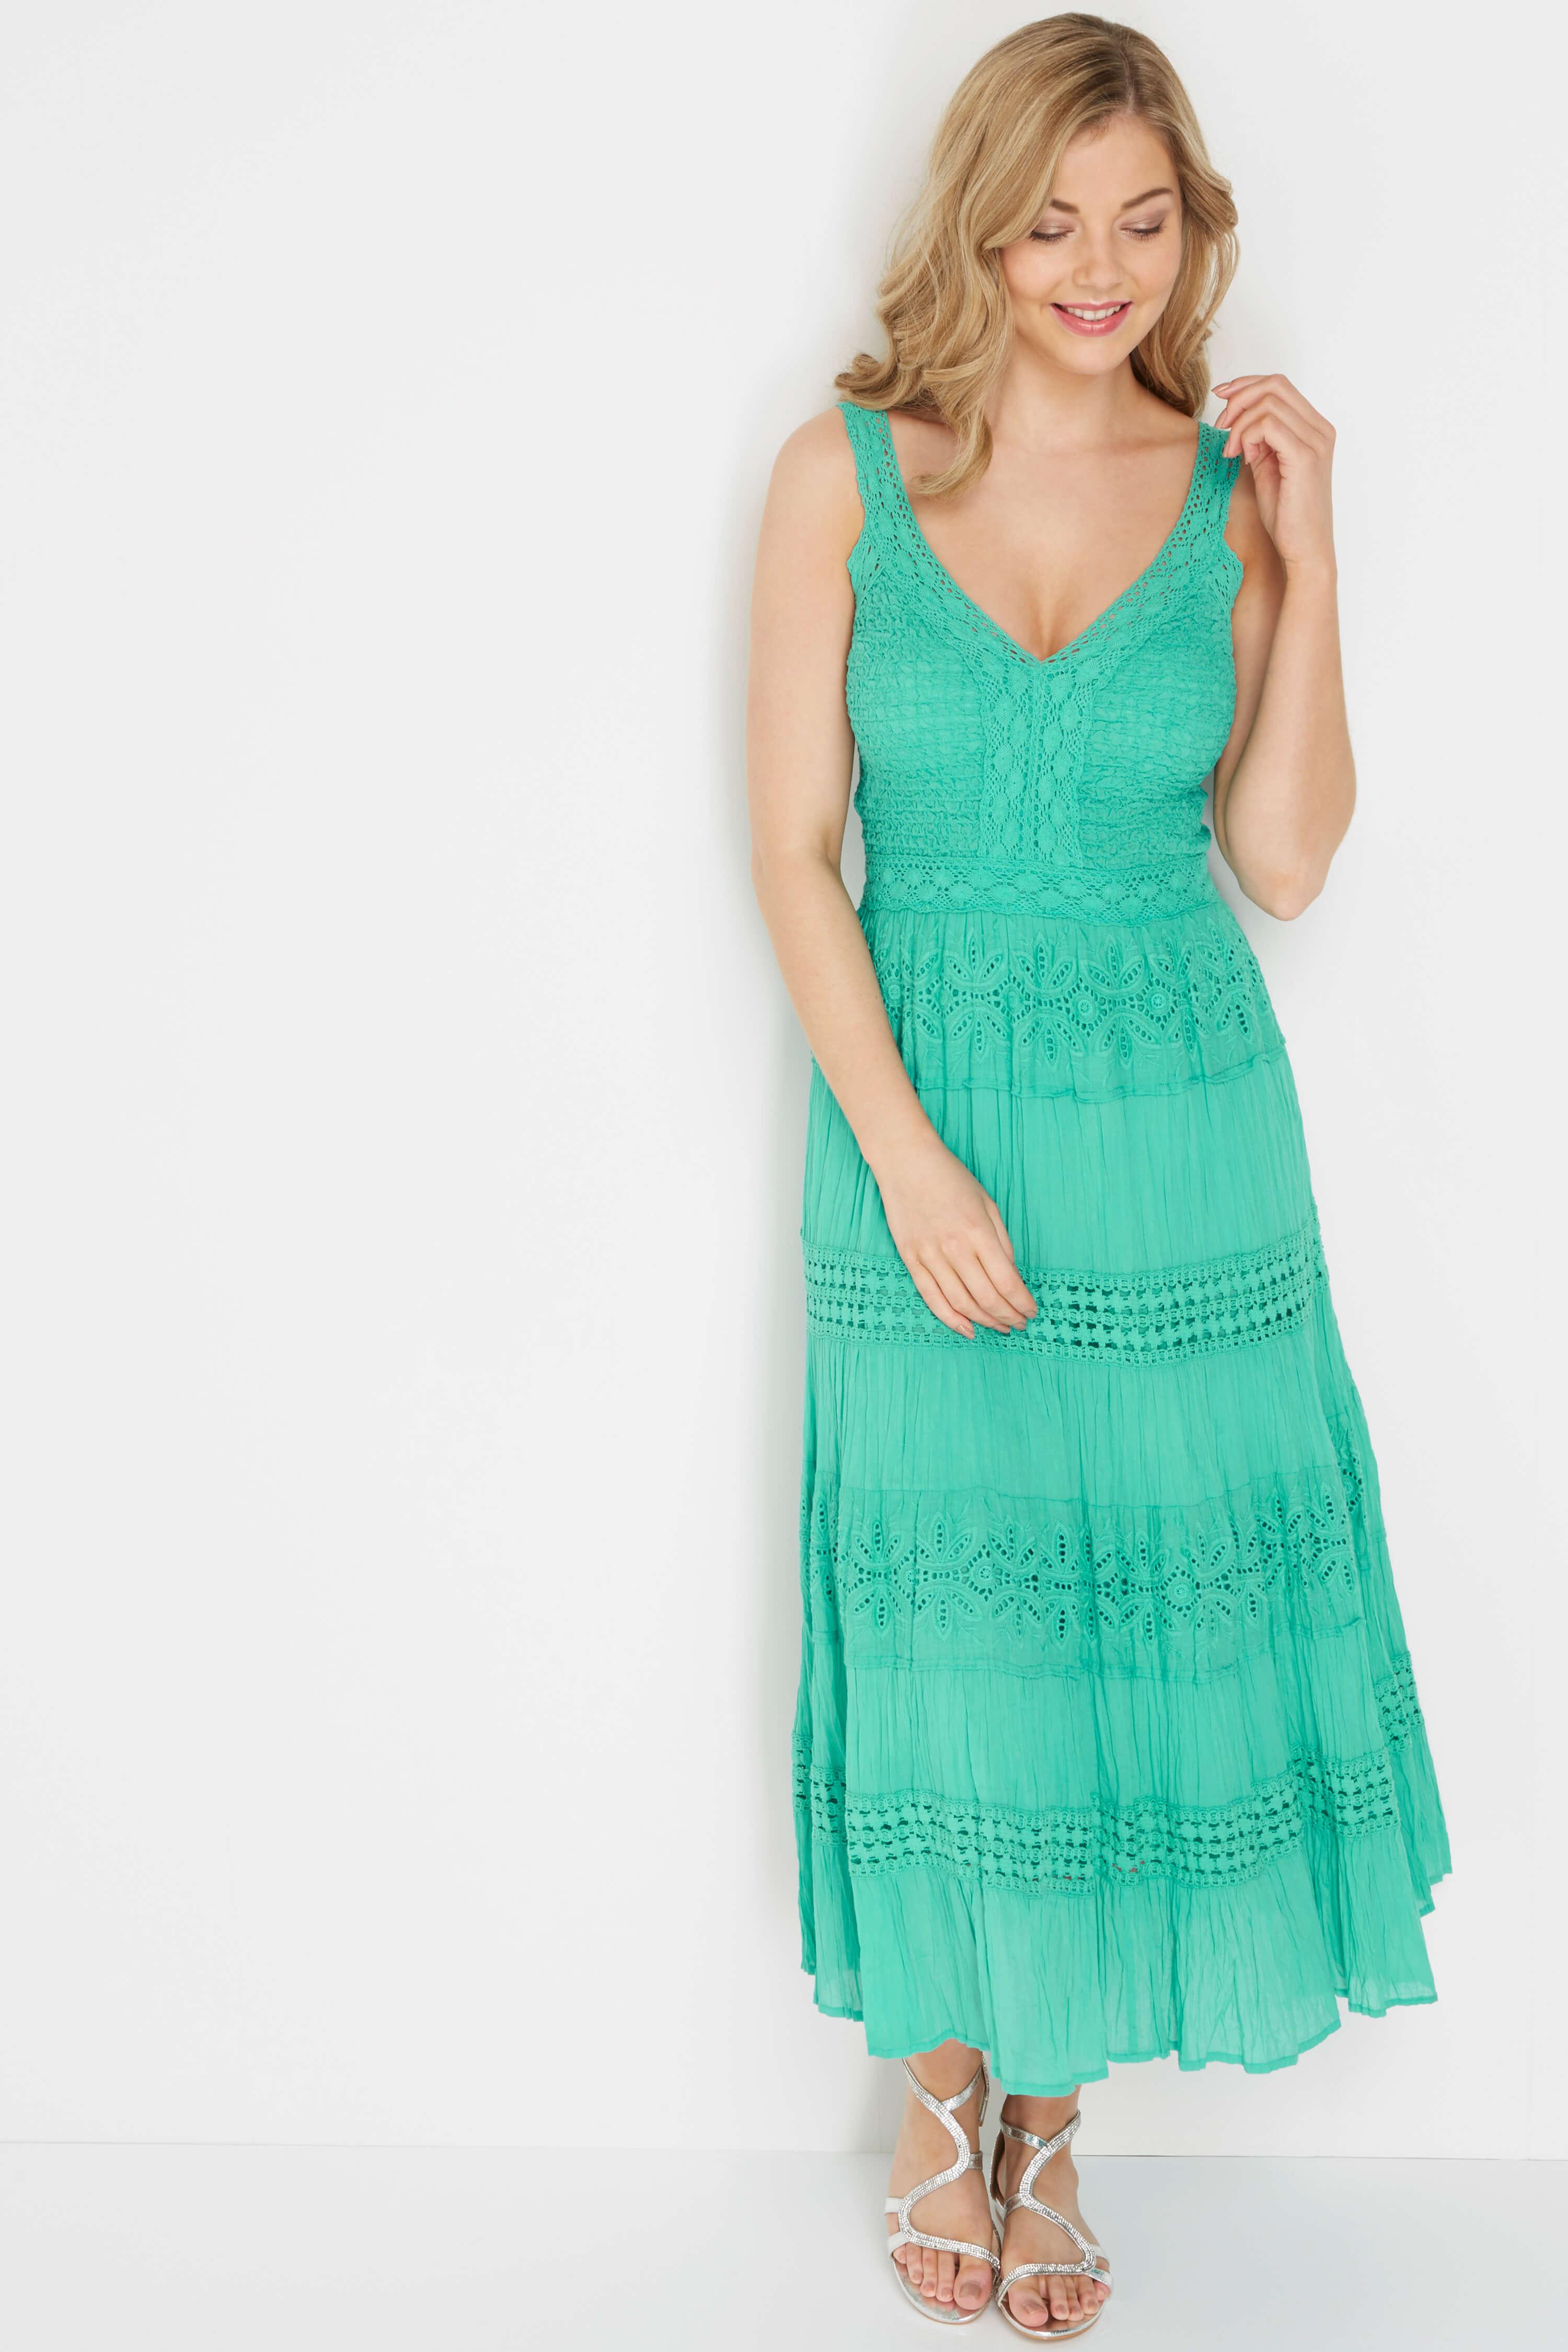 Roman Originals 100% Cotton Summer Maxi Dress in Turquoise